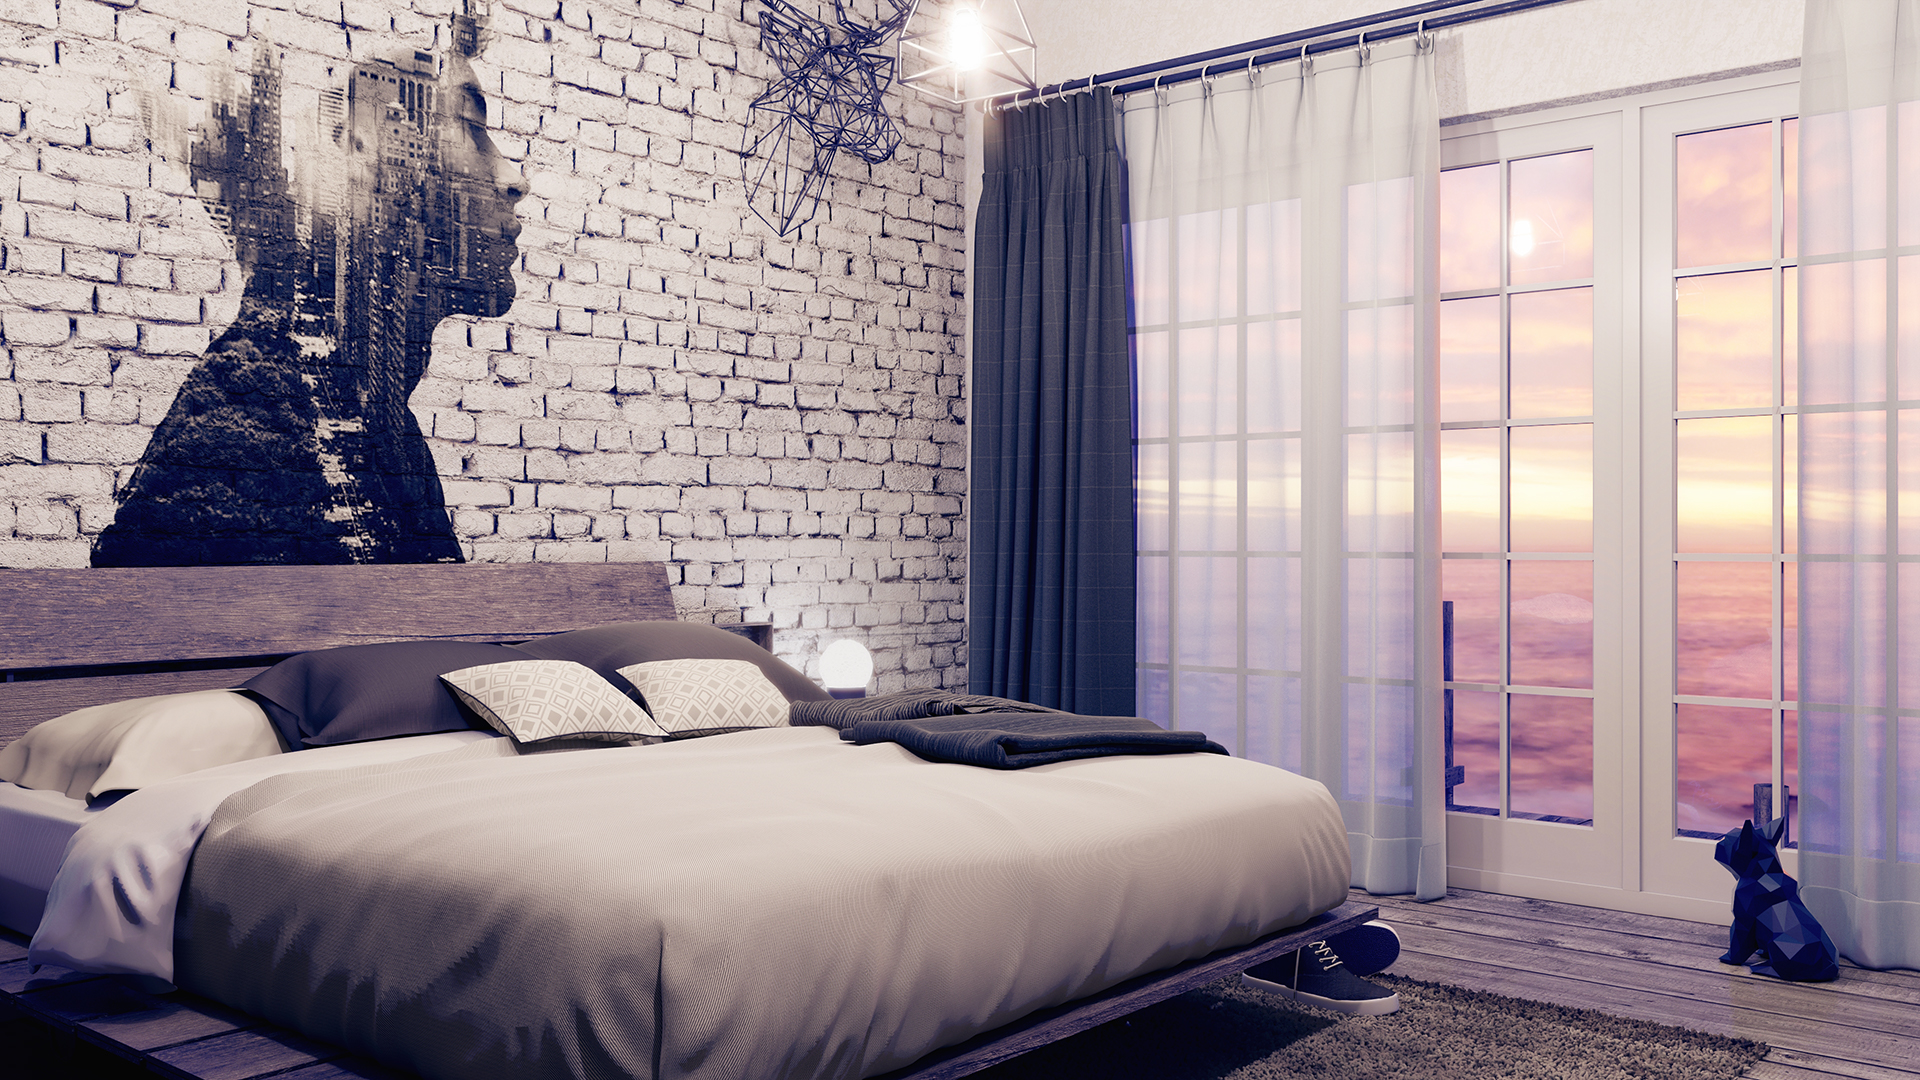 Industrial Bedroom View 1 Night 1920.jpg